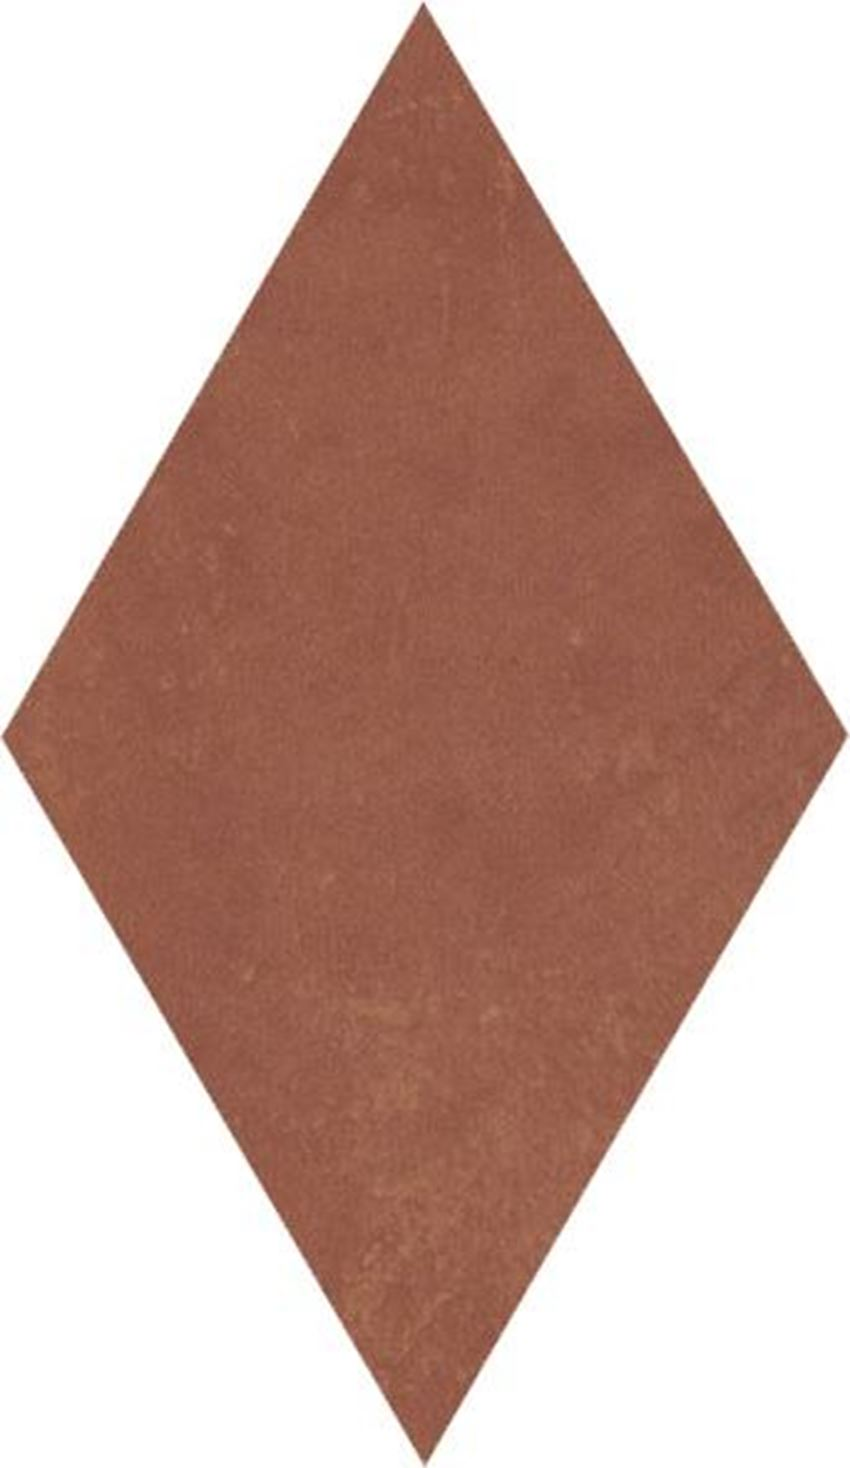 Dekoracja podłogowa 14,6x25,2 cm Paradyż Cotto Naturale Romb